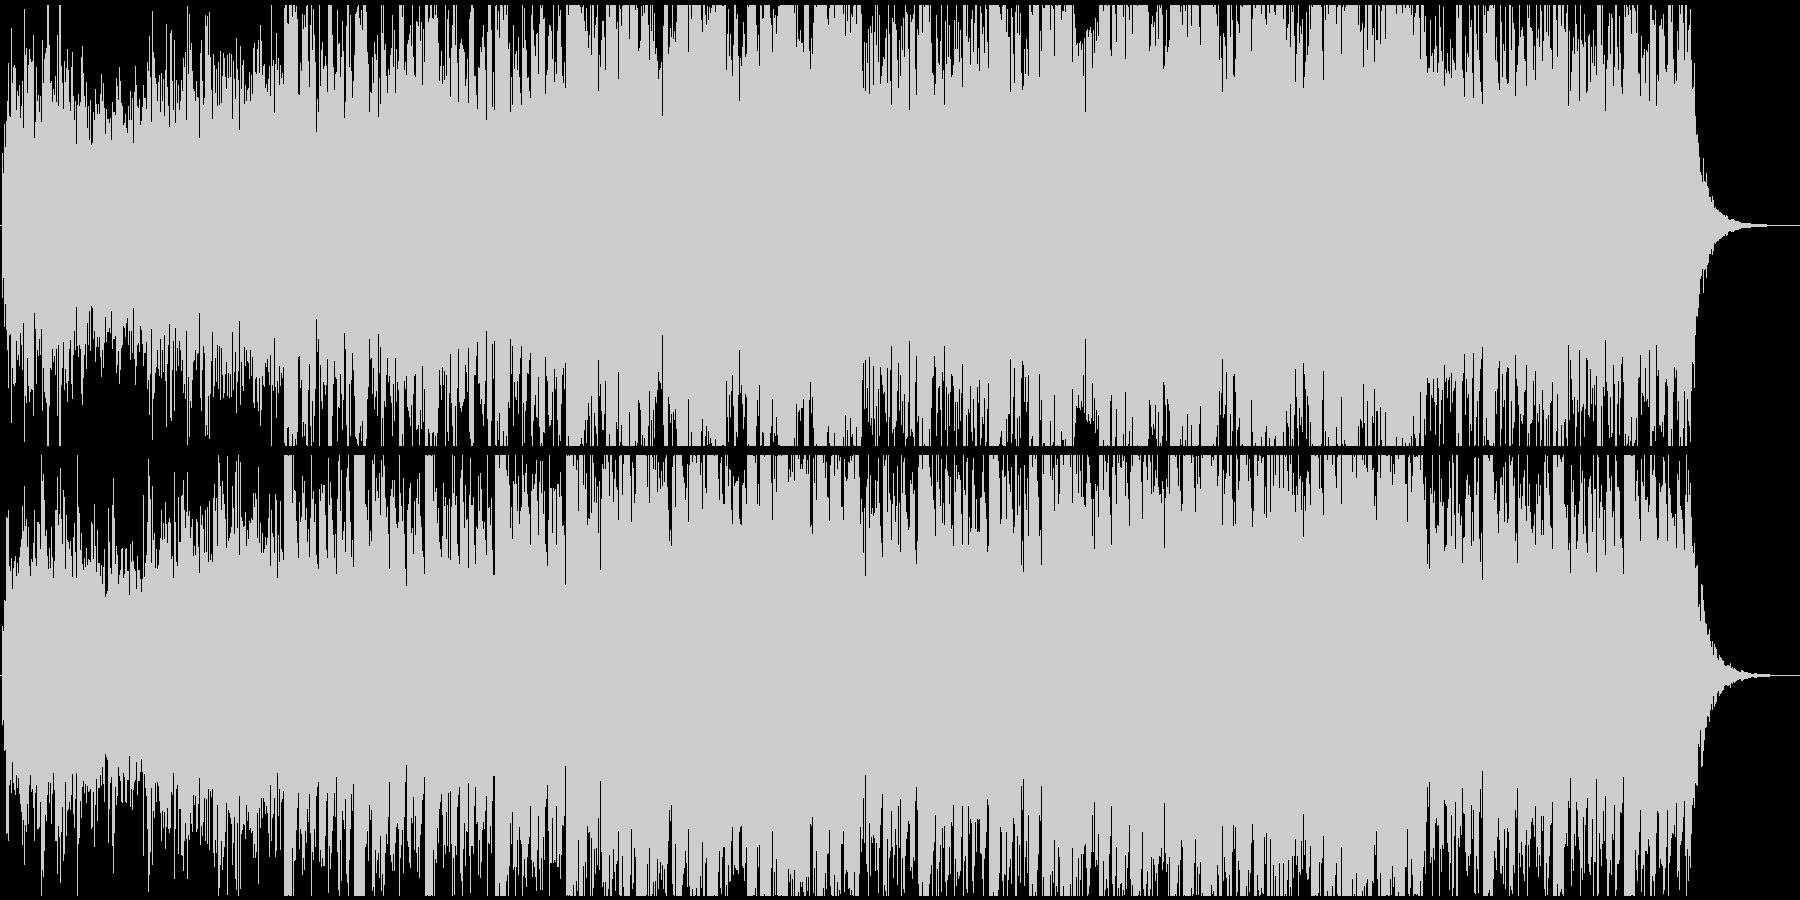 だんだん賑やかになるオープニング系EDMの未再生の波形